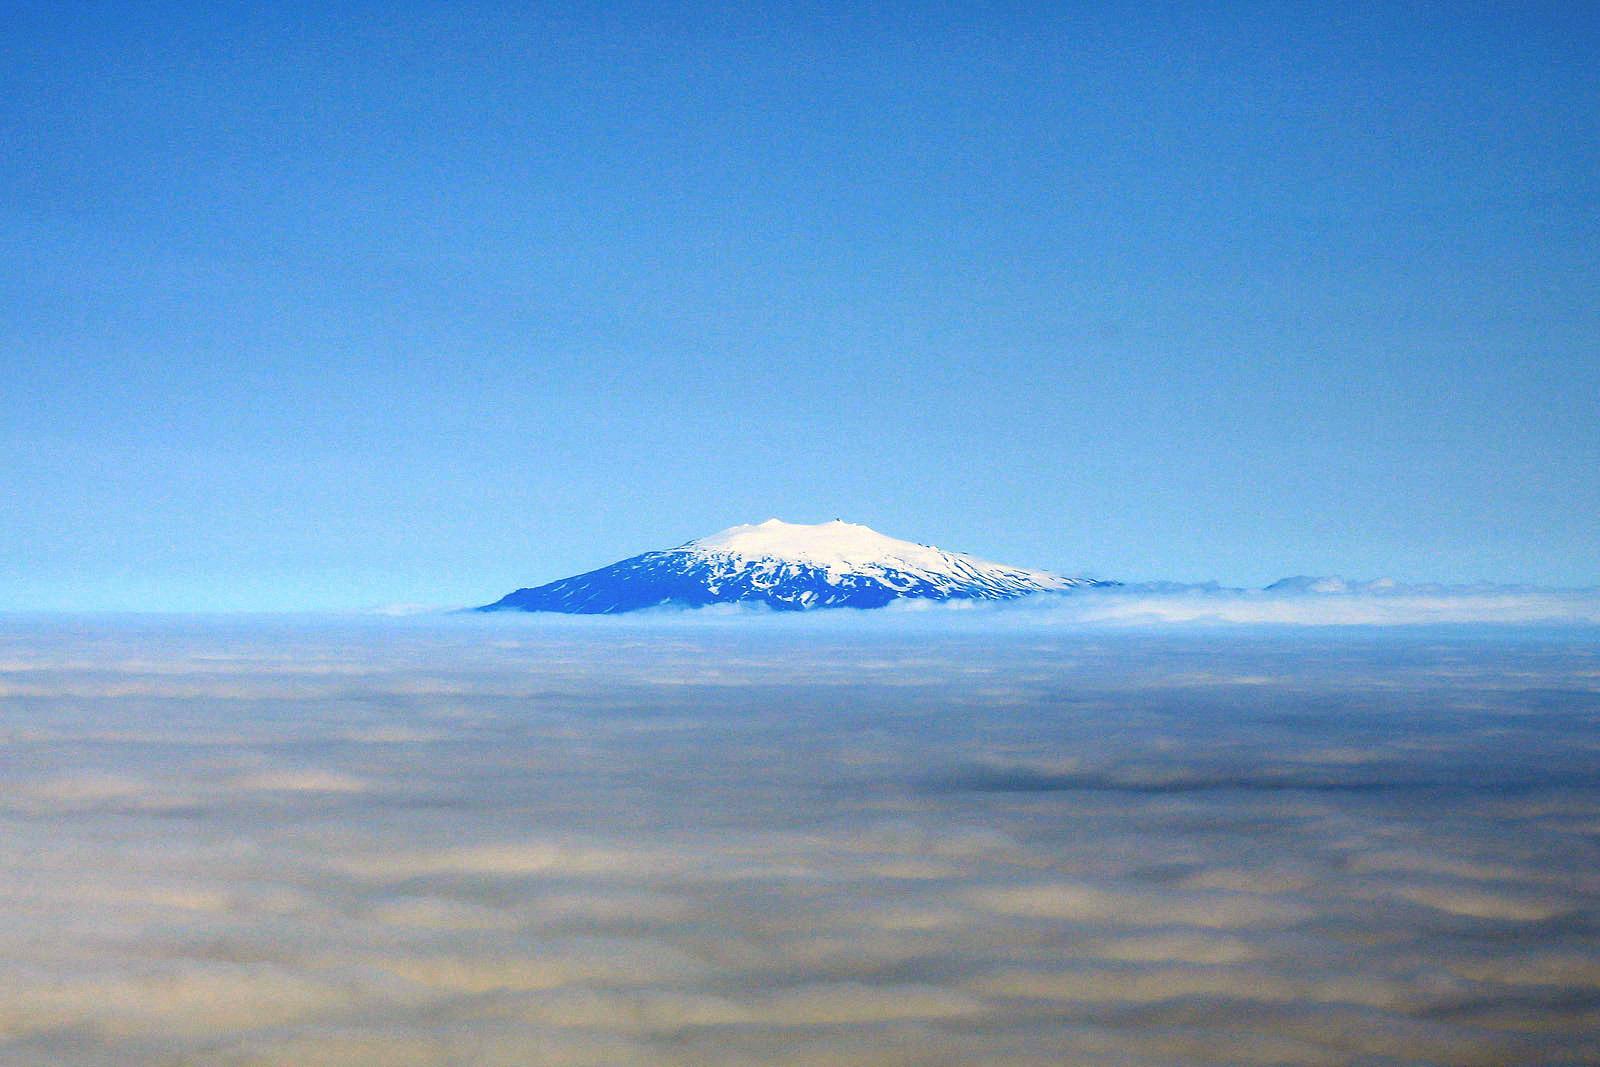 Вулкан выше облаков в небе над Исландией